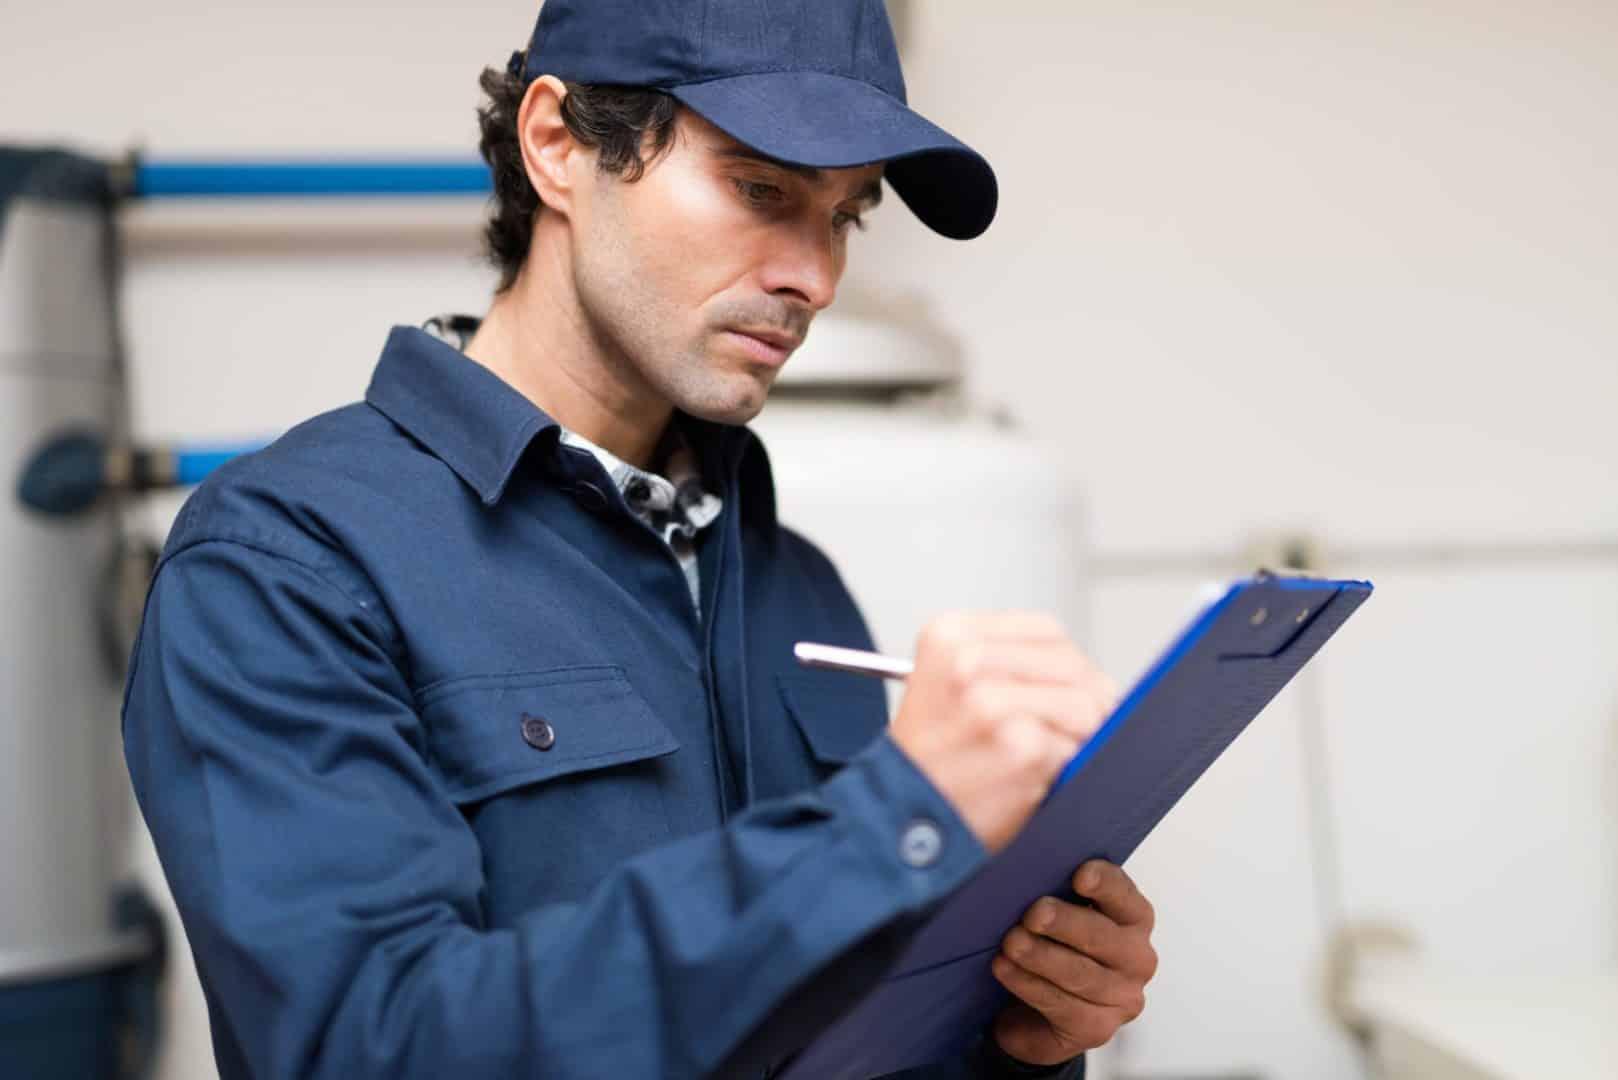 Inspection immobilière, check my house, inspection contre-visite immobilier, expertise immobilière, vérification pré-achat, diagnostic immobilier, que vérifier avant d'acheter un logement